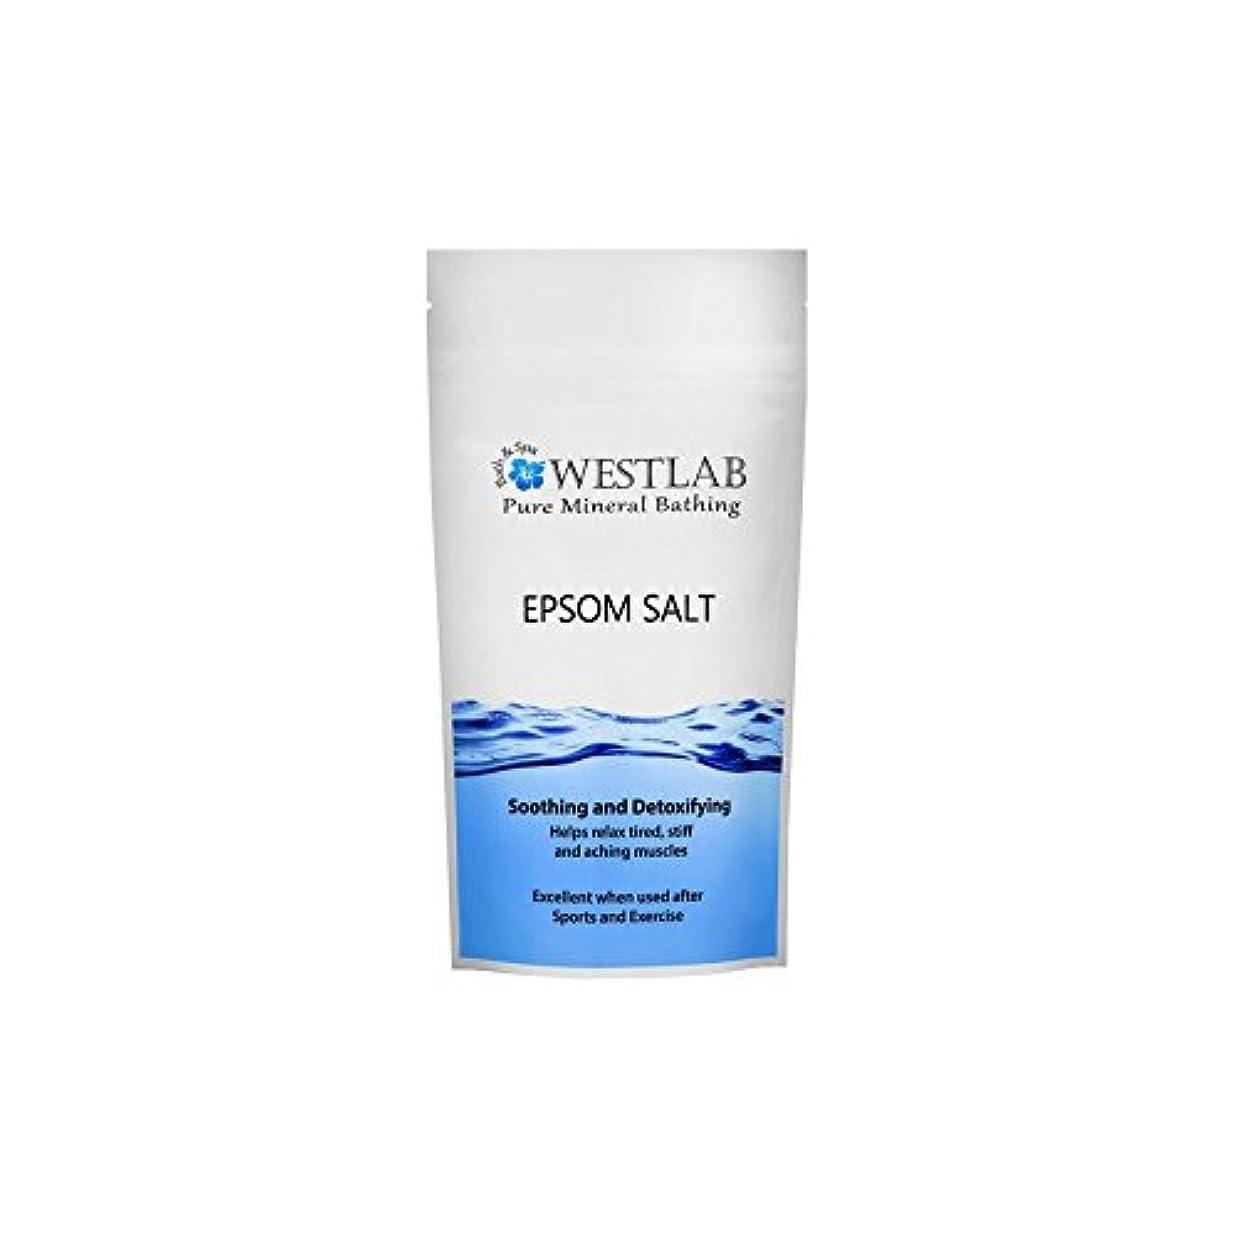 コンプライアンス感性縫うエプソム塩の2キロ x4 - Westlab Epsom Salt 2kg (Pack of 4) [並行輸入品]